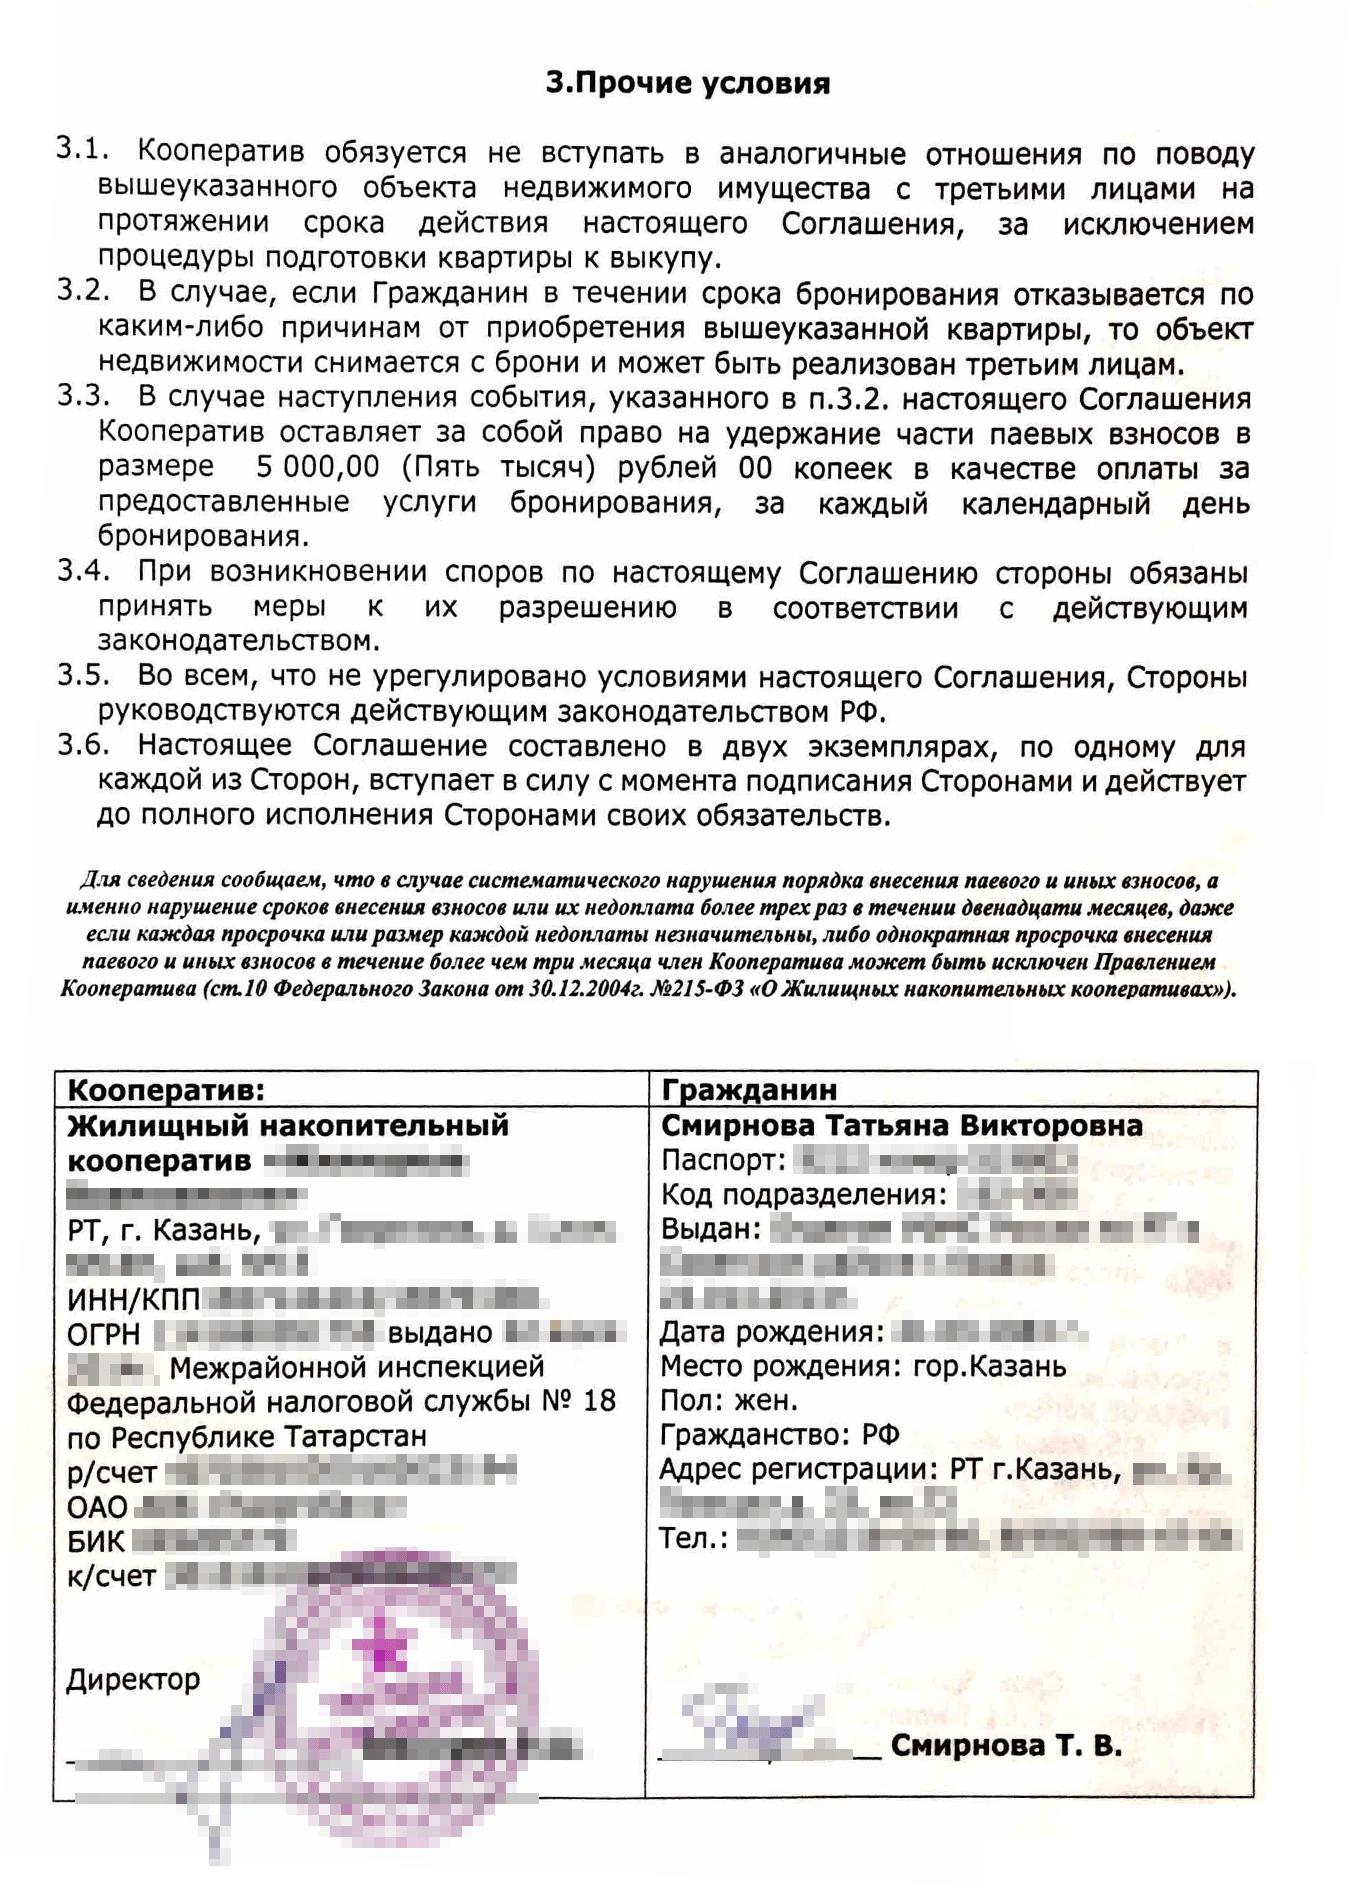 Во время второго посещения офиса мне выдали второй экземпляр заявления с подписью директора кооператива и соглашение о бронировании. Оно действует довыкупа квартиры у застройщика